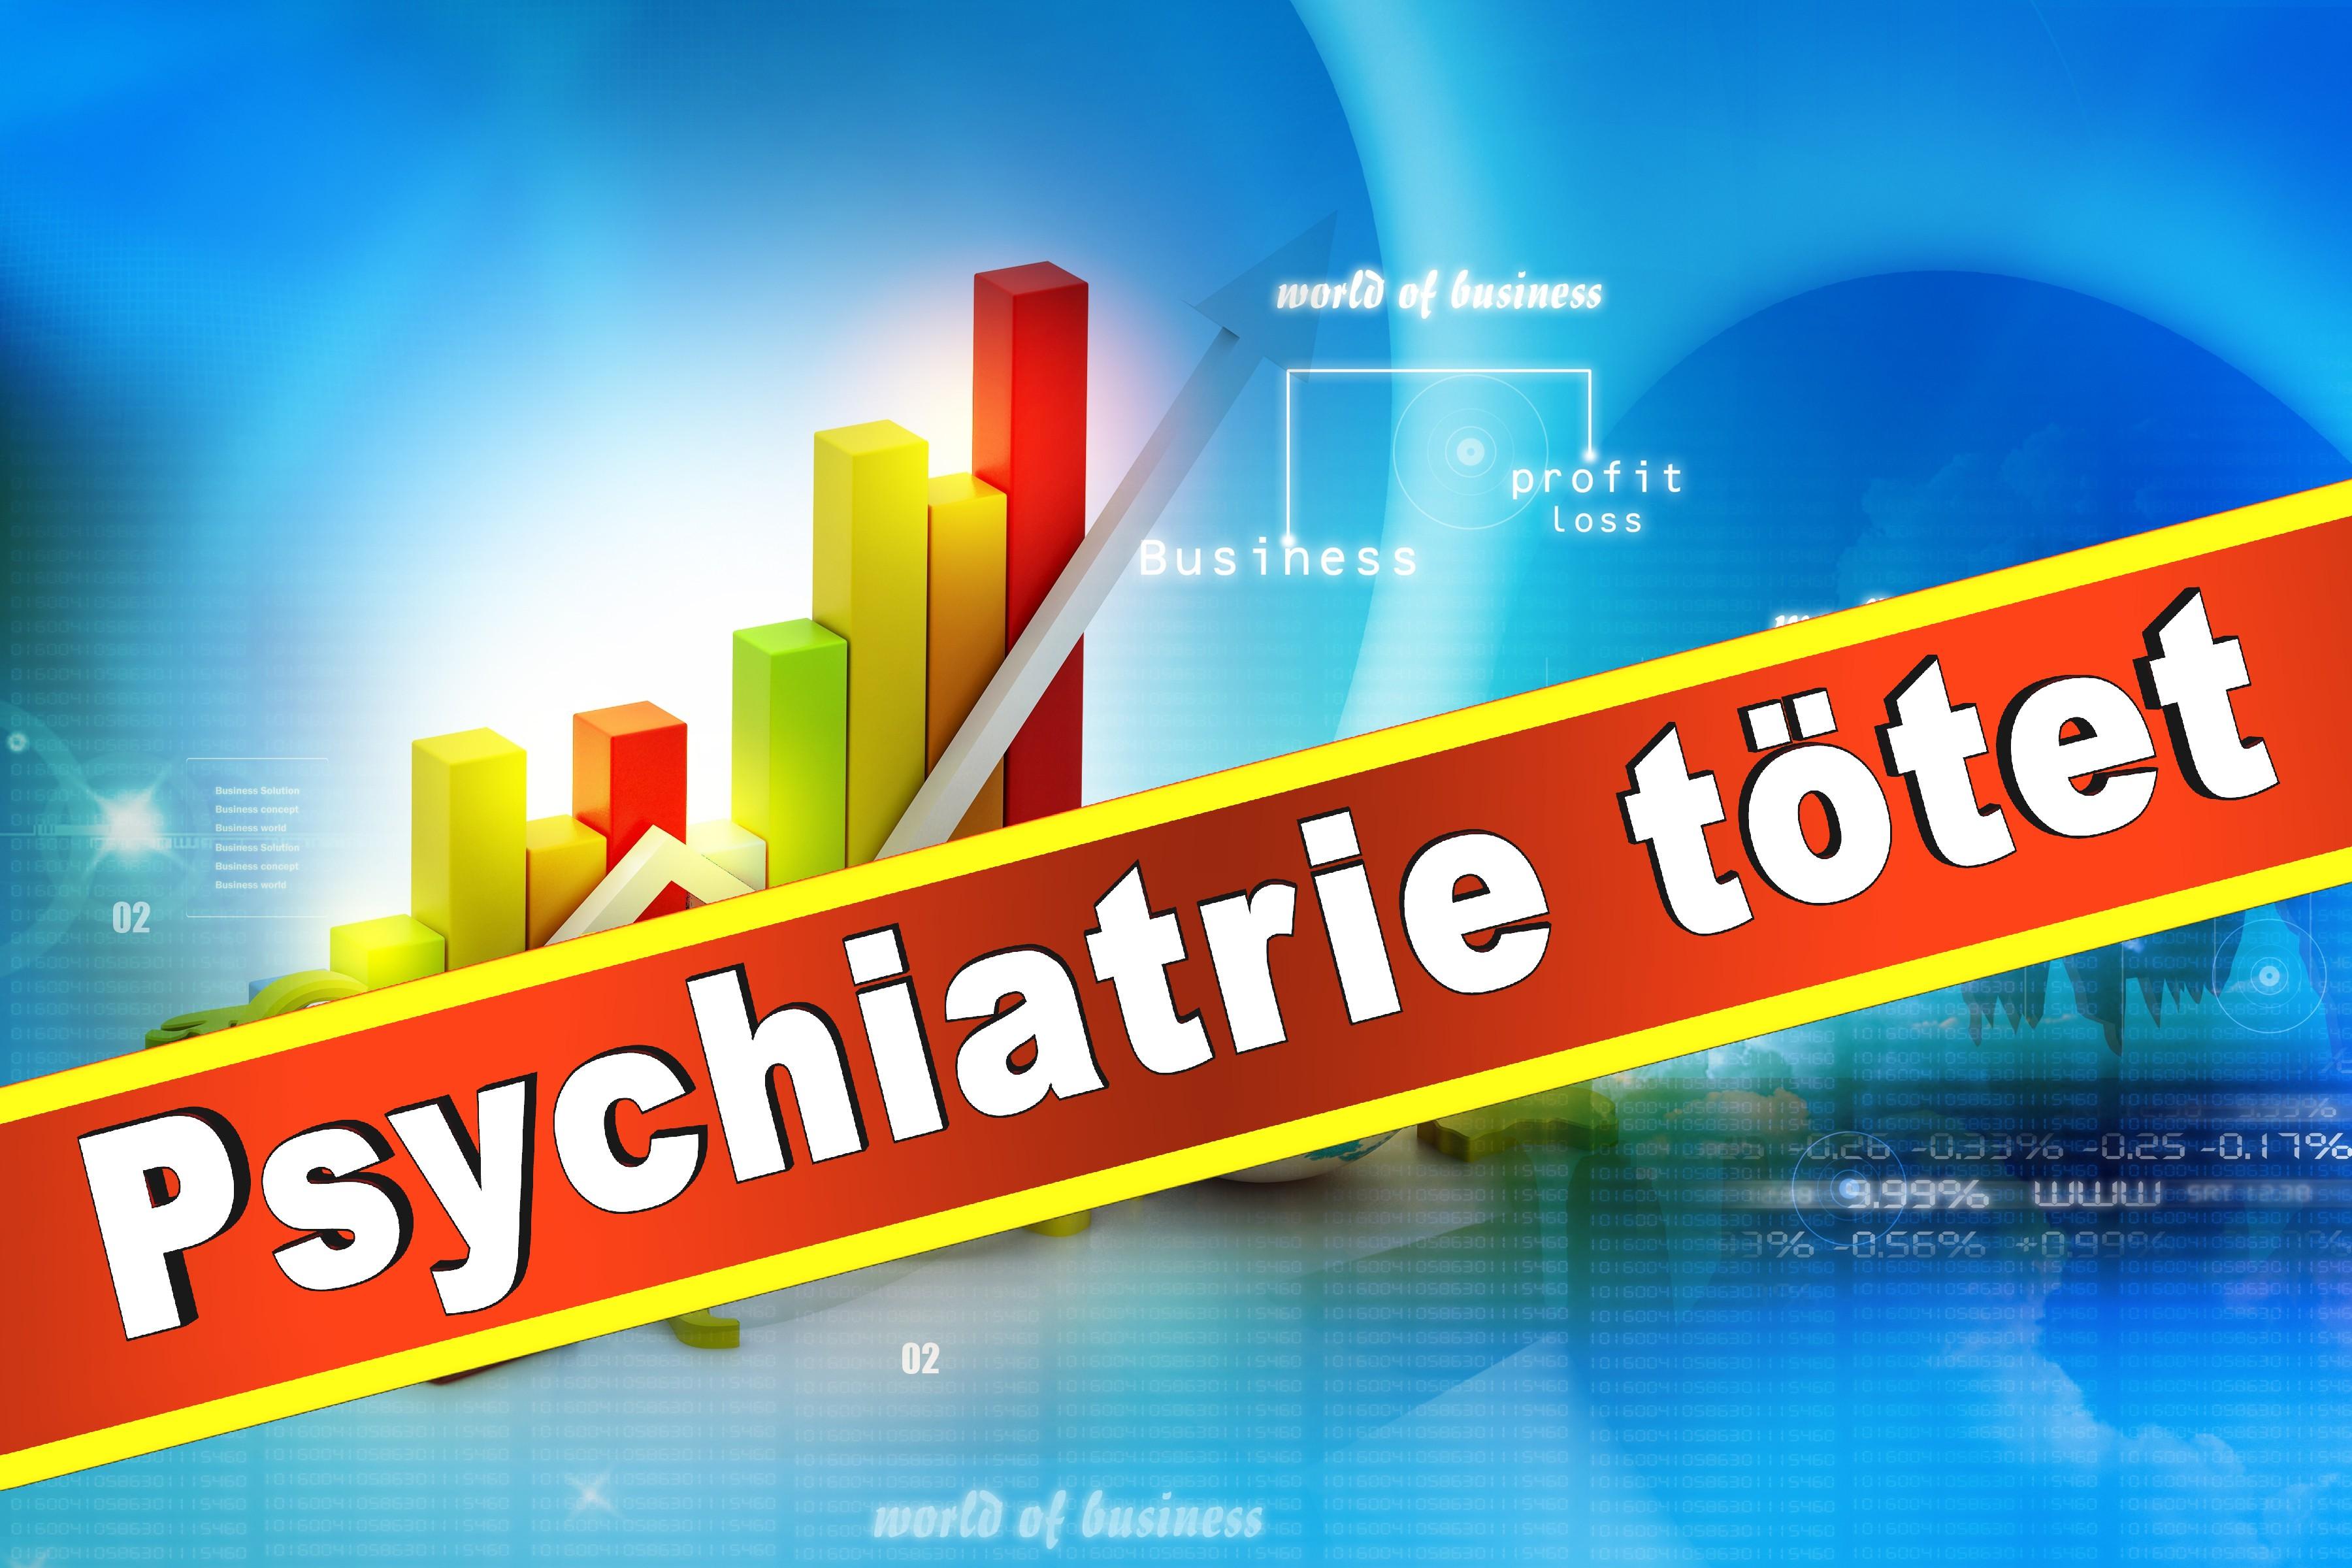 Carl Ernst Von Schönfeld Tagesklinik Psychiatrie Tod Bethel Psychiater Korruption Gift Zwangspsychiatrie Unterbringung (18)